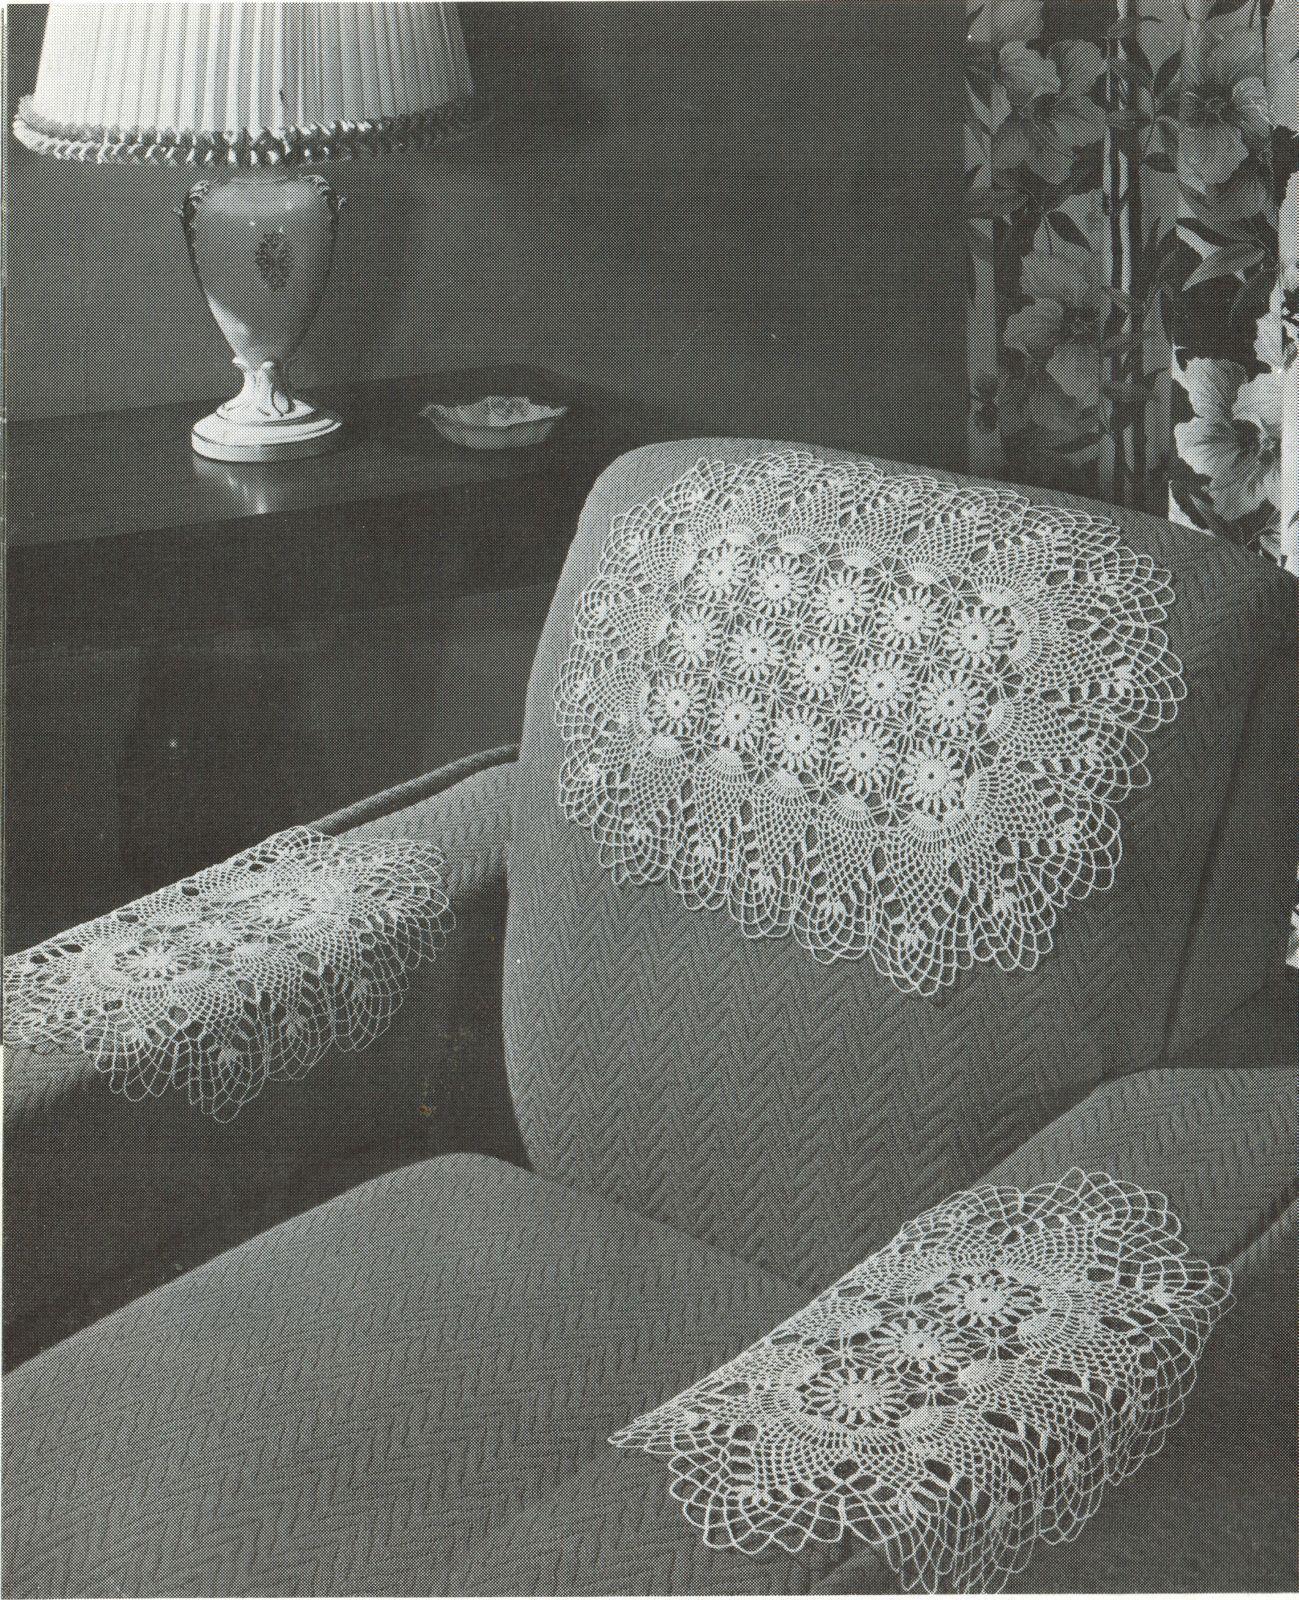 Pineapple Doilies Tablecloth Runner Luncheon Buffet Armchair Crochet Patterns  image 10